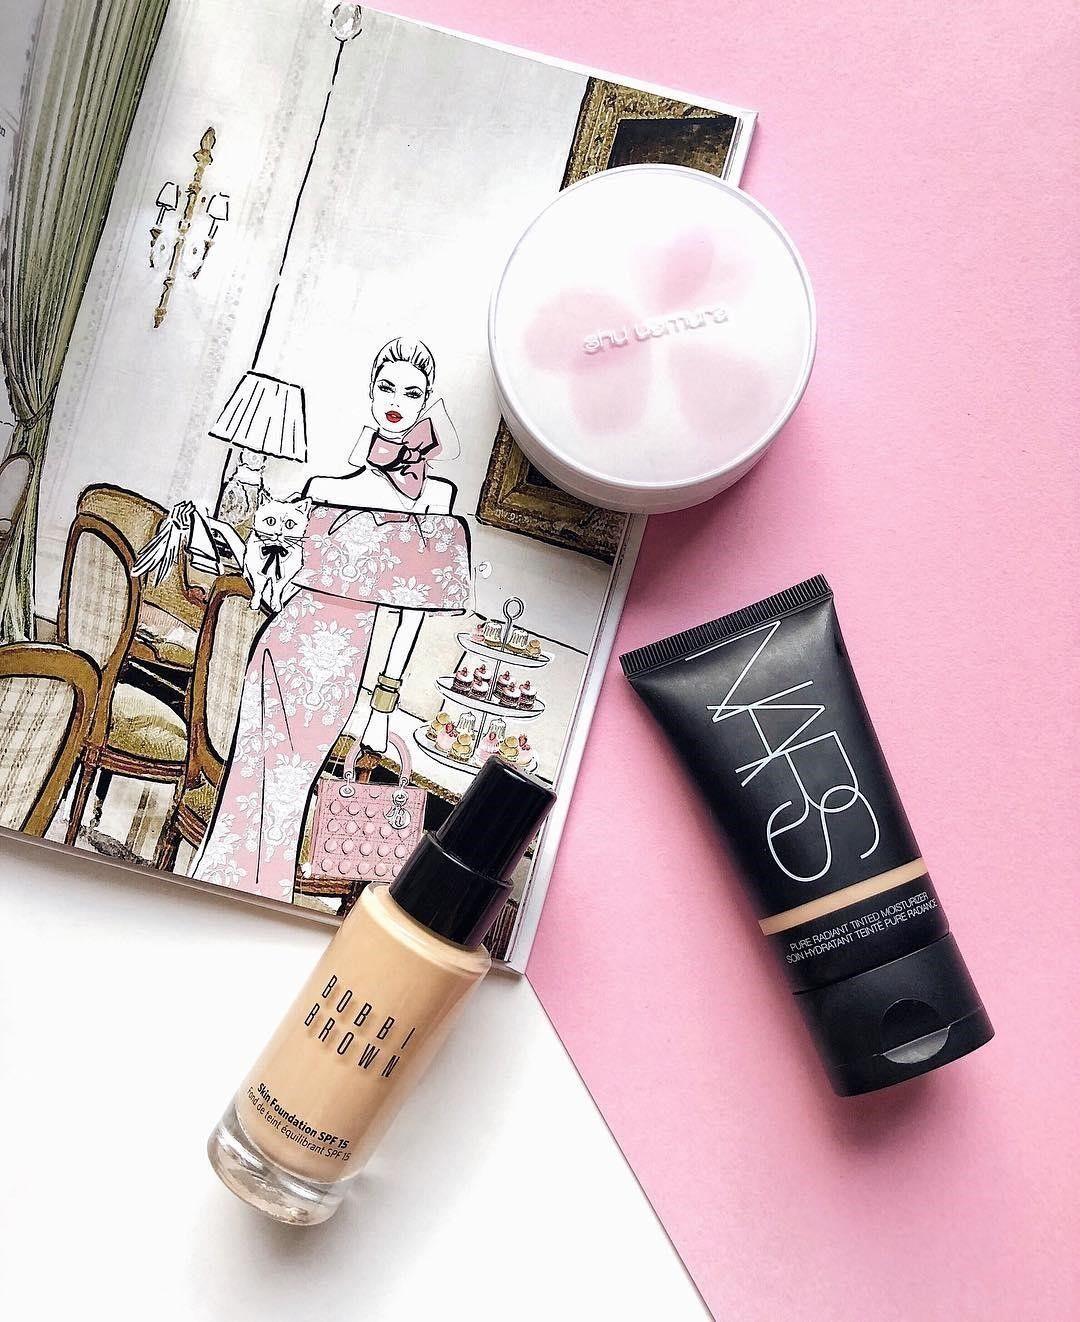 120 Make Up Palette Online Makeup Artist Courses Make